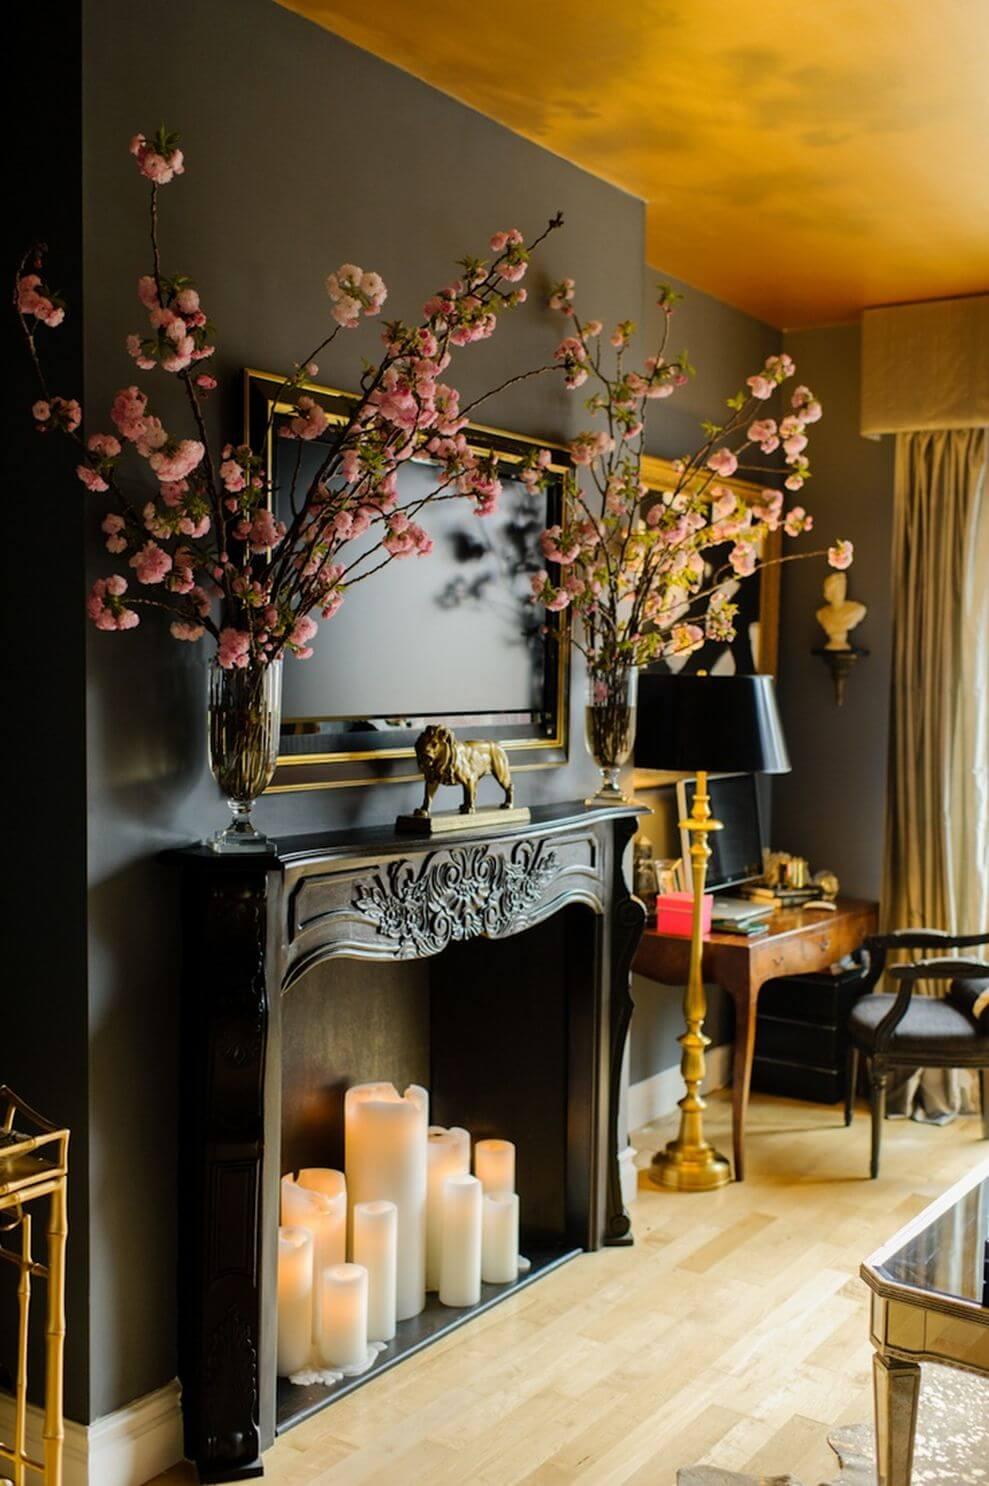 Decorare casa con le candele per aggiungere stile e calore - Idea casa biancheria mestre ...